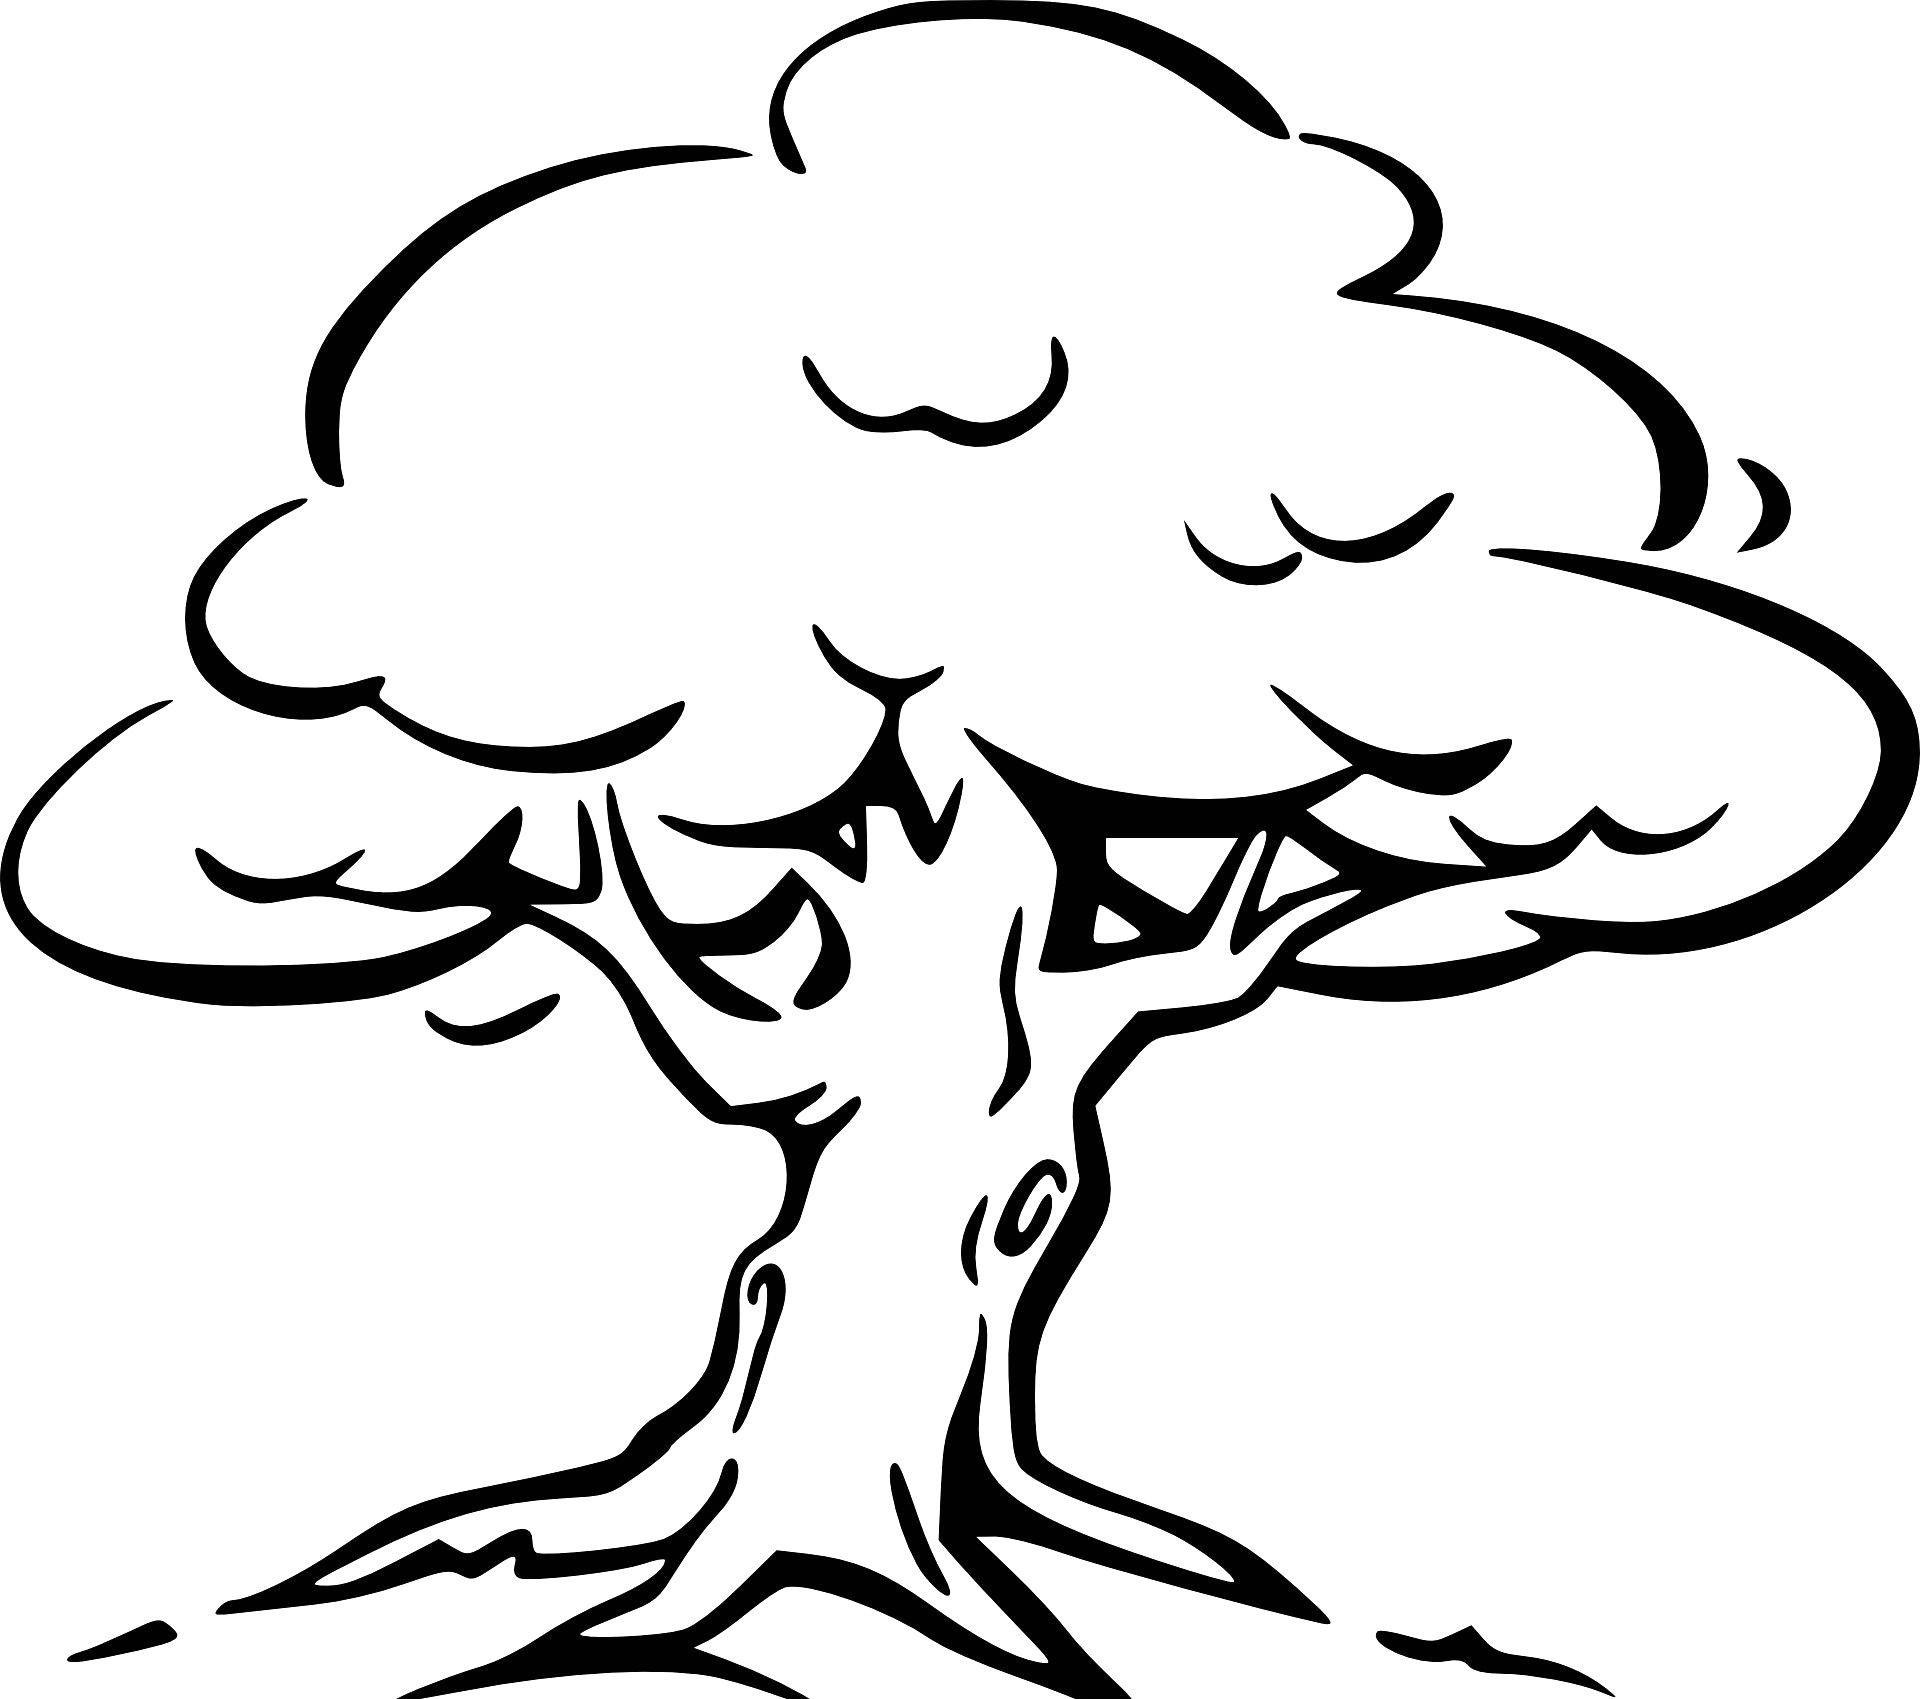 Baum Mit Wurzeln Ausmalbild Malvorlagen Baum Zeichnung Malvorlagen Blumen